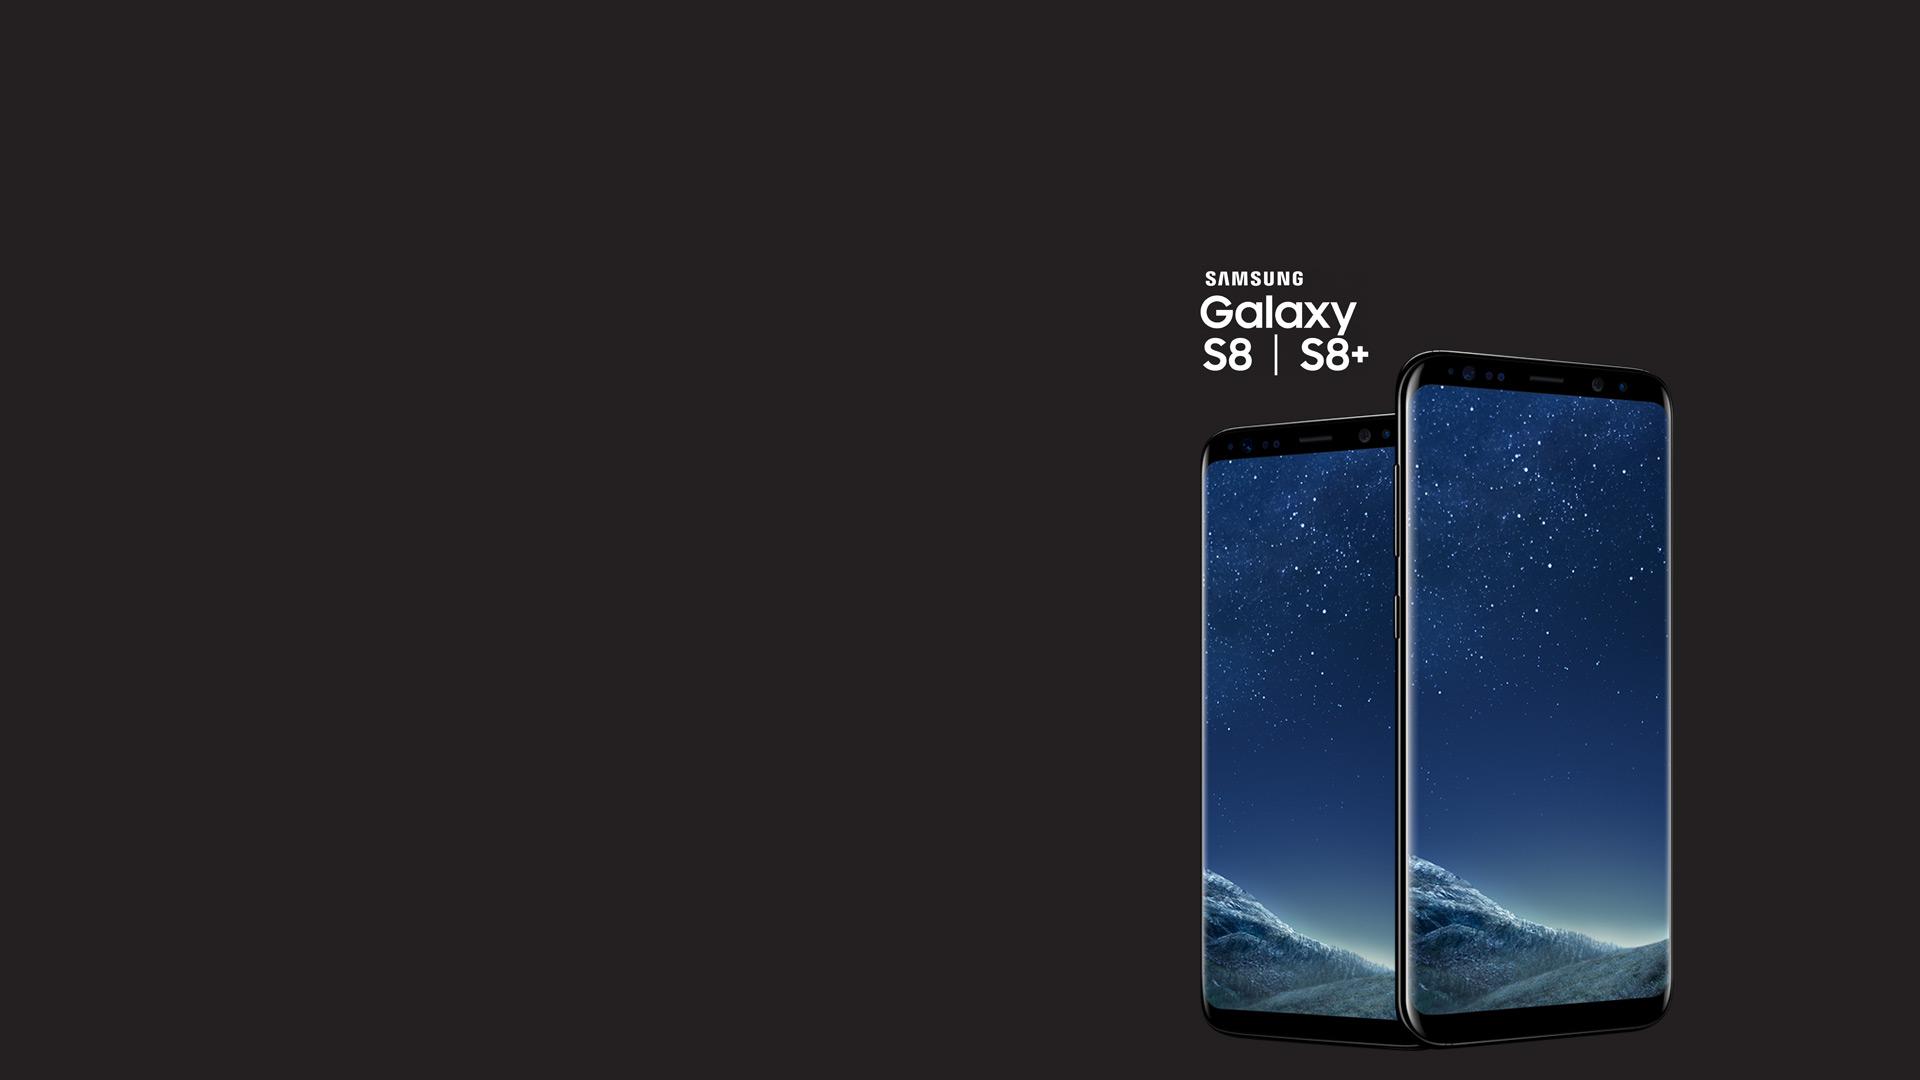 Samsung Galaxy S8 um € 200,- günstiger